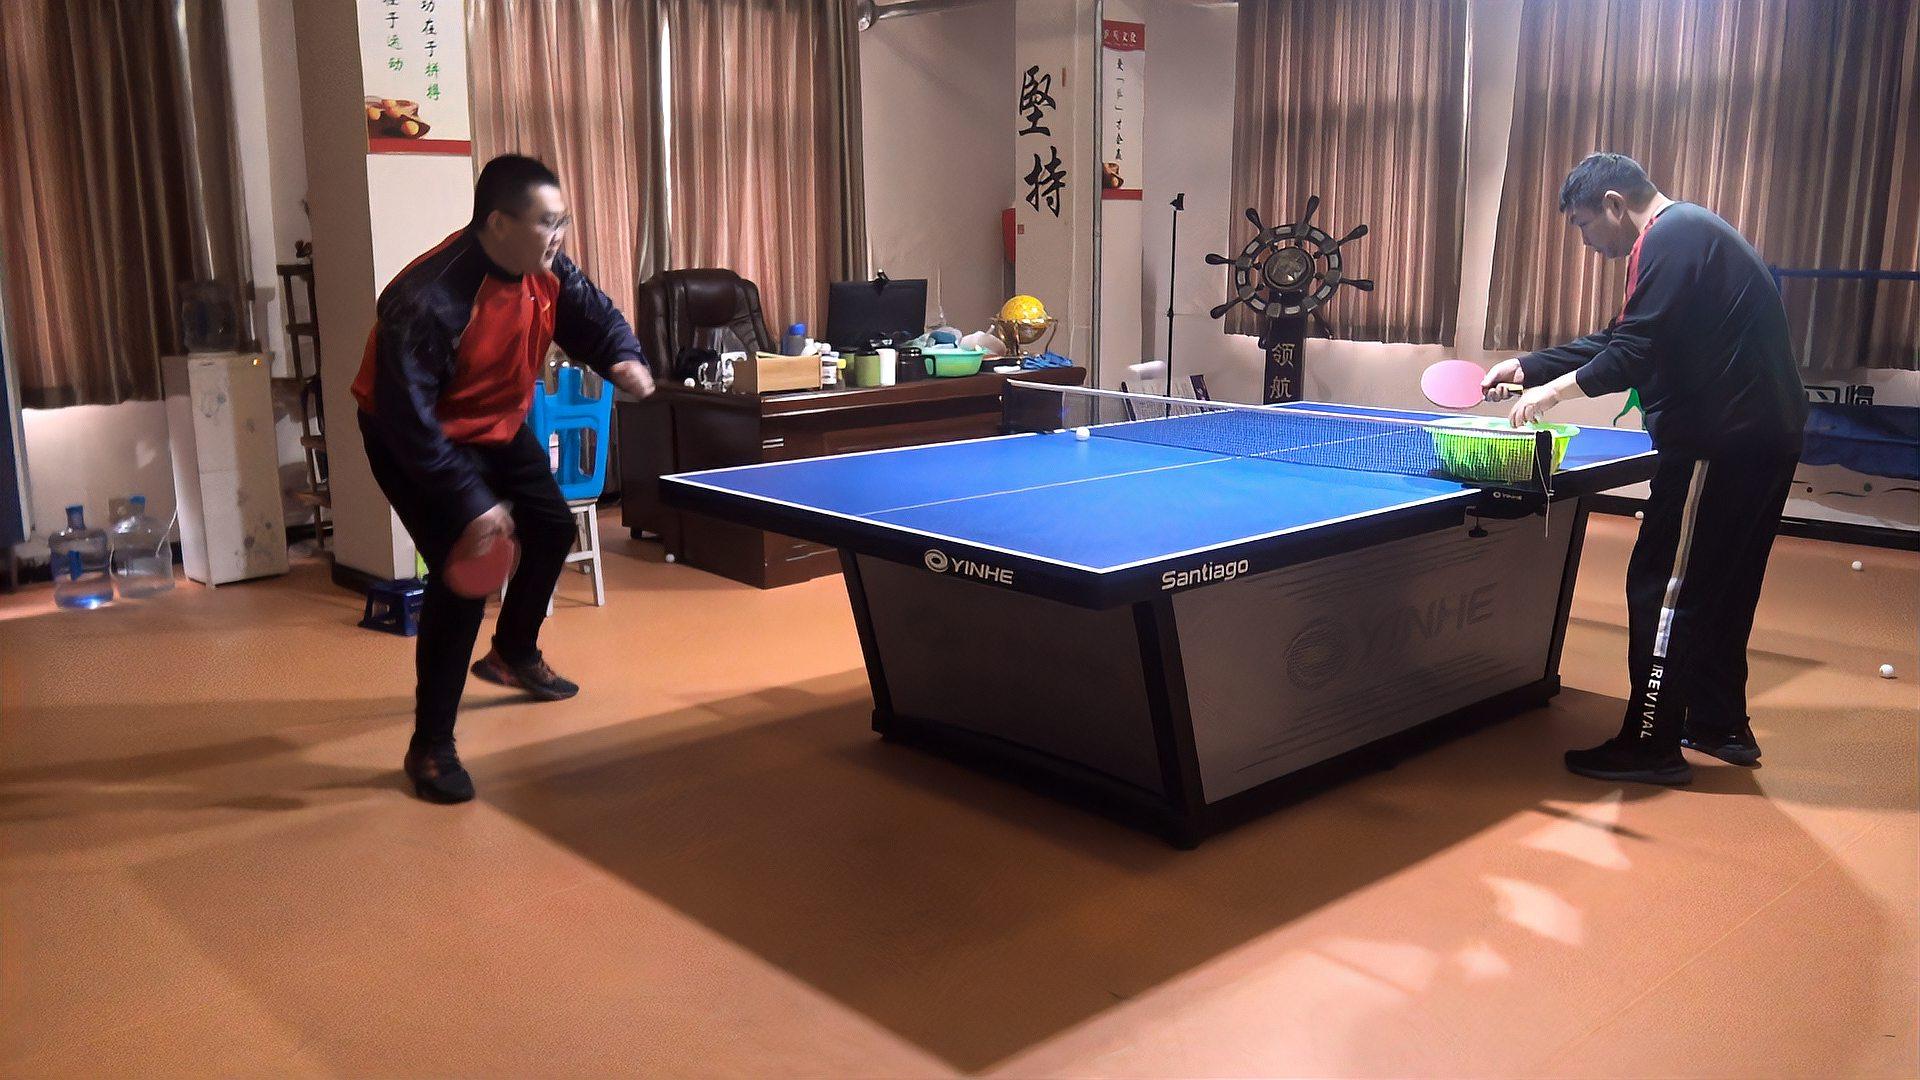 业余球友乒乓球正手拉下旋球,有哪些常见的问题?如何去解决?